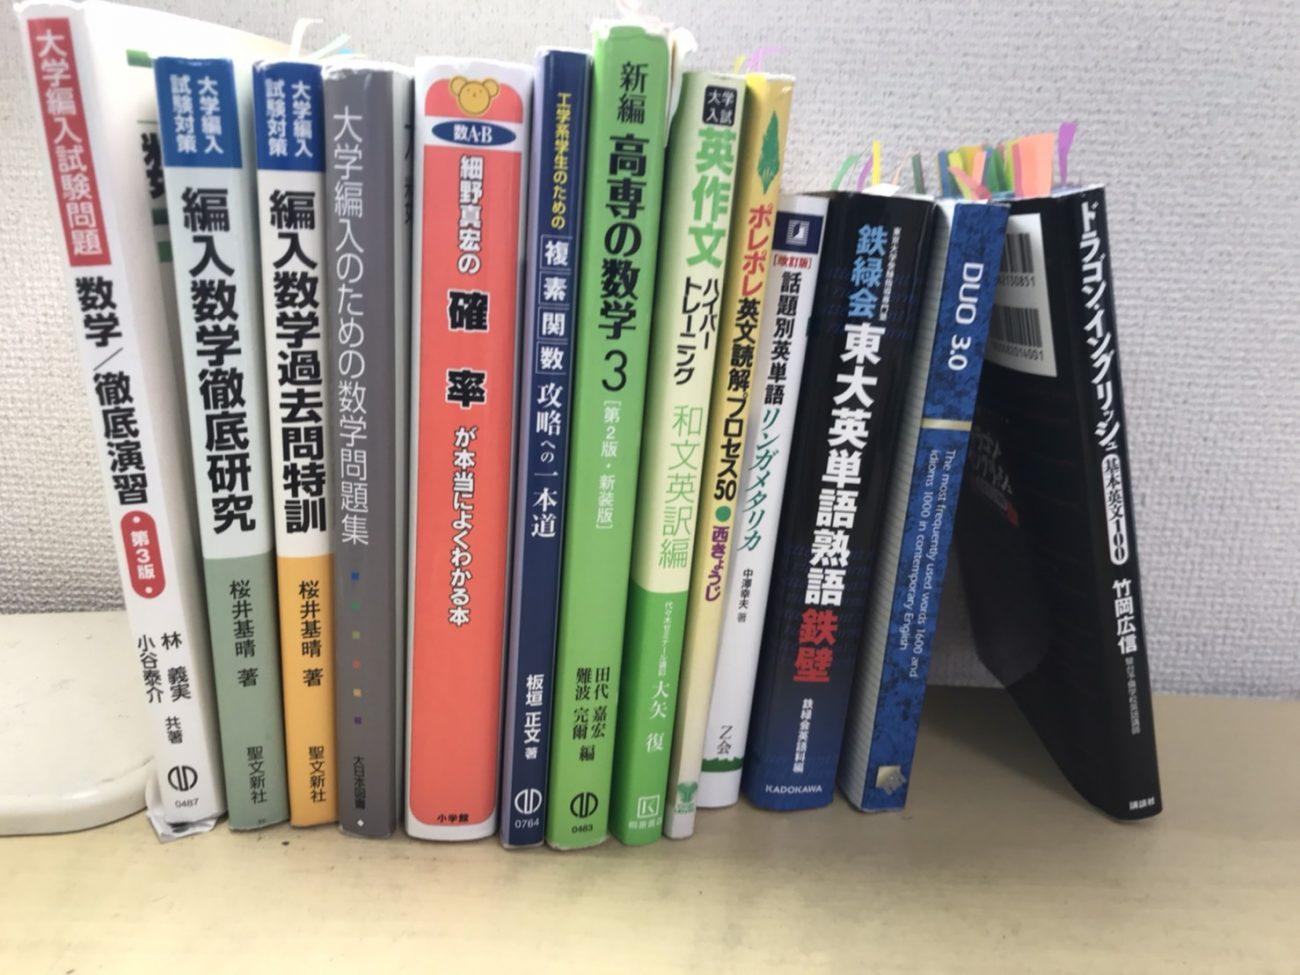 東大編入 TyS氏の参考書